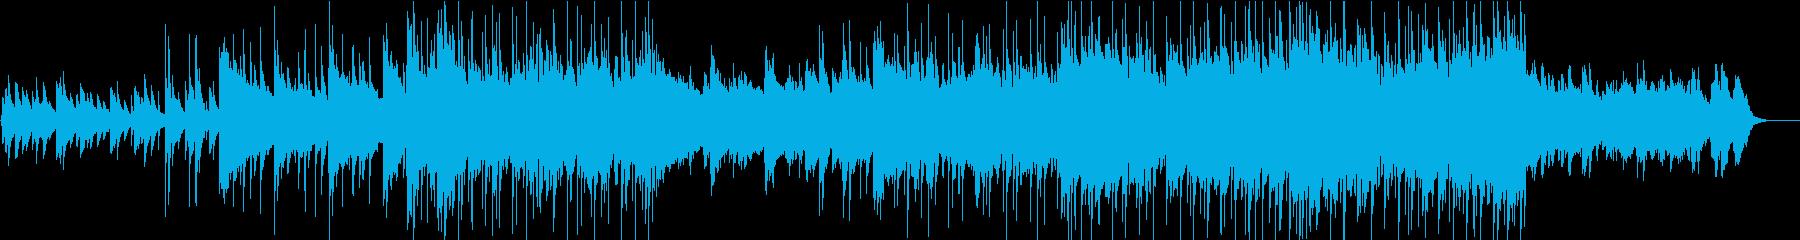 始まりを予感させるピアノ・ジャズロックの再生済みの波形